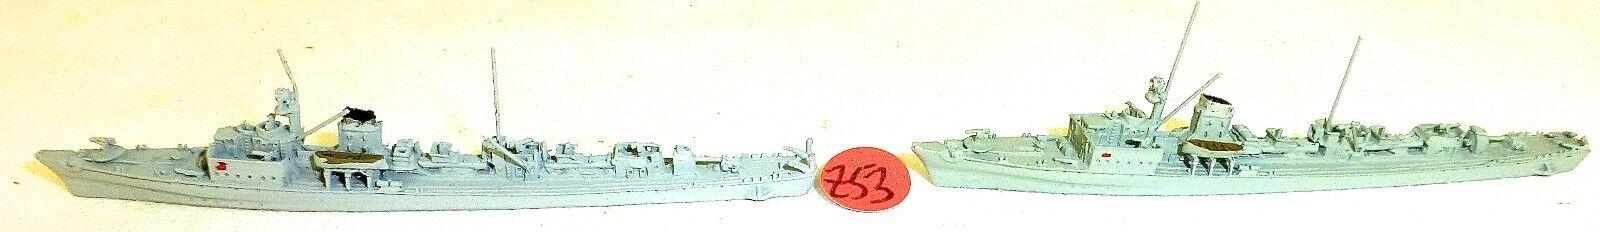 2x T2 1944 Neptun N 1068c Ship Model 1 1250 SHPZ53 Å